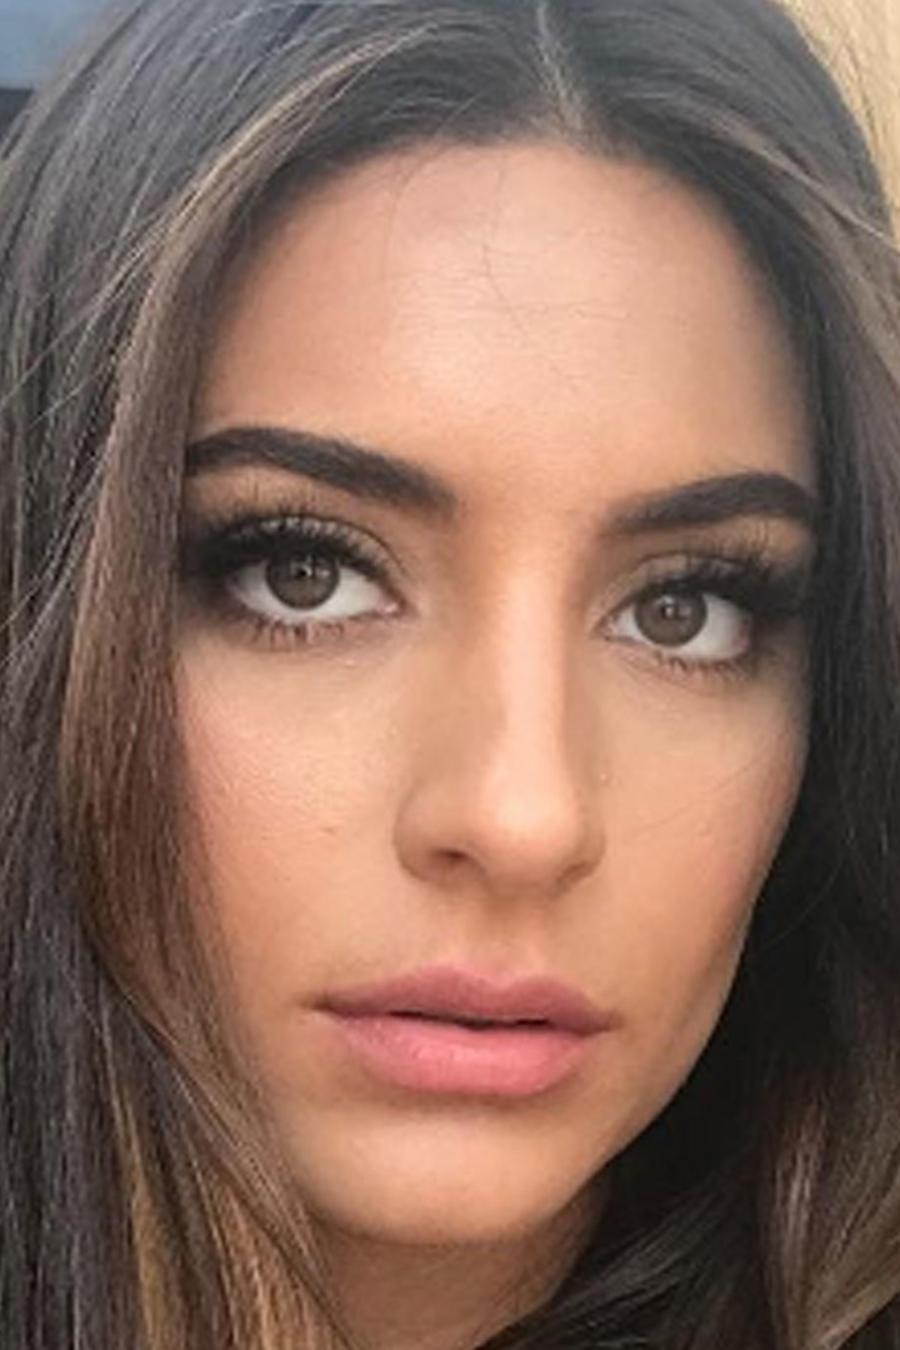 Ana Brenda Contreras selfie